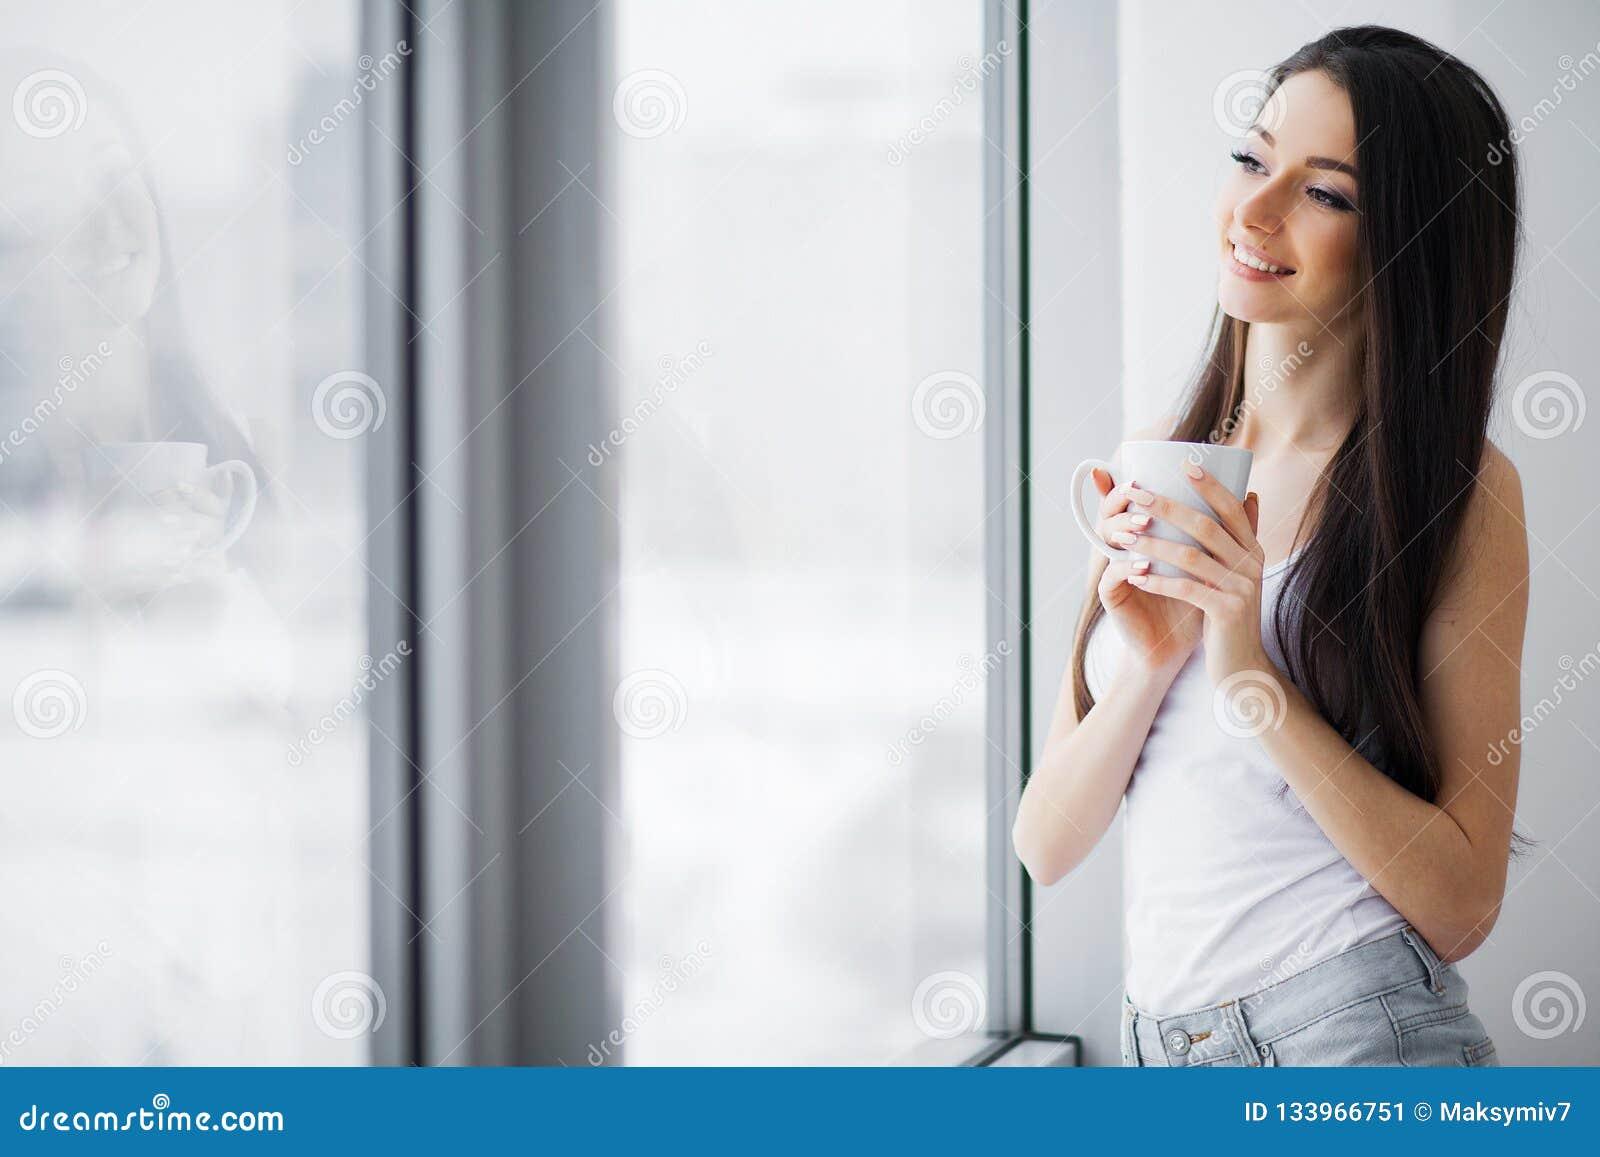 Guten Morgen Glückliche Frau, die sich zu Hause entspannt